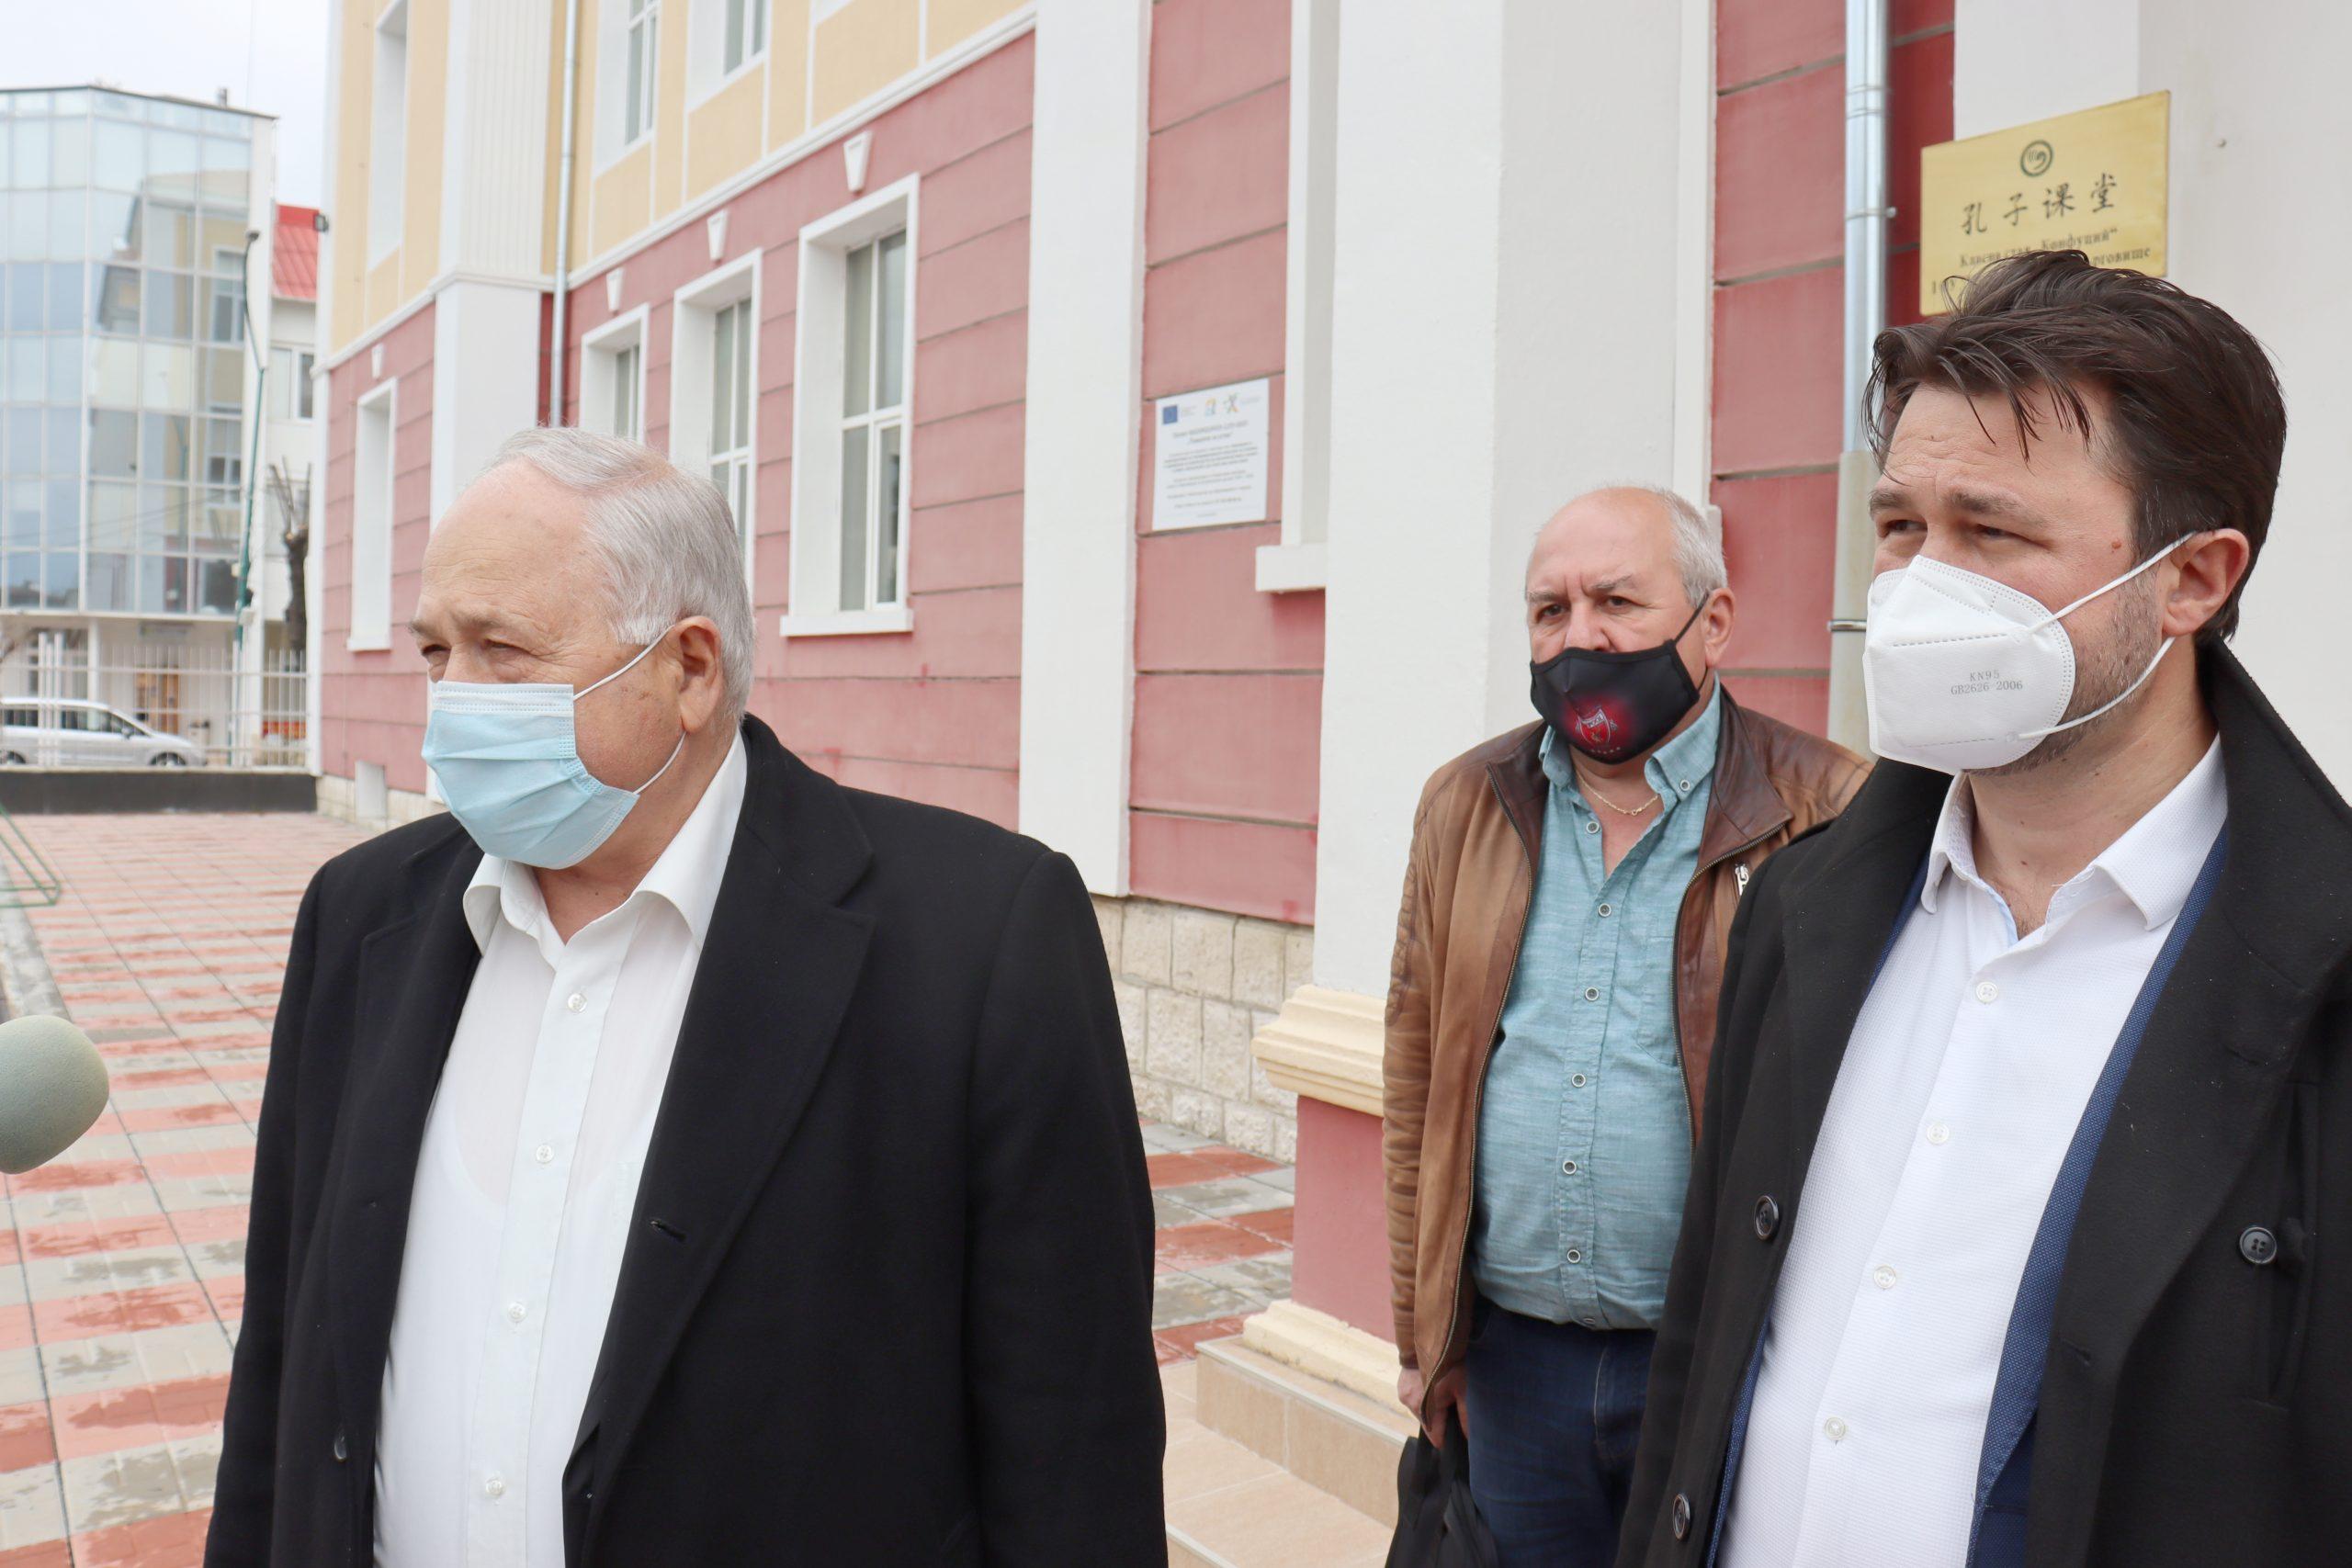 Ген. Кольо Милев: Гласувах за едно по-добро бъдеще на България с грижа за хората